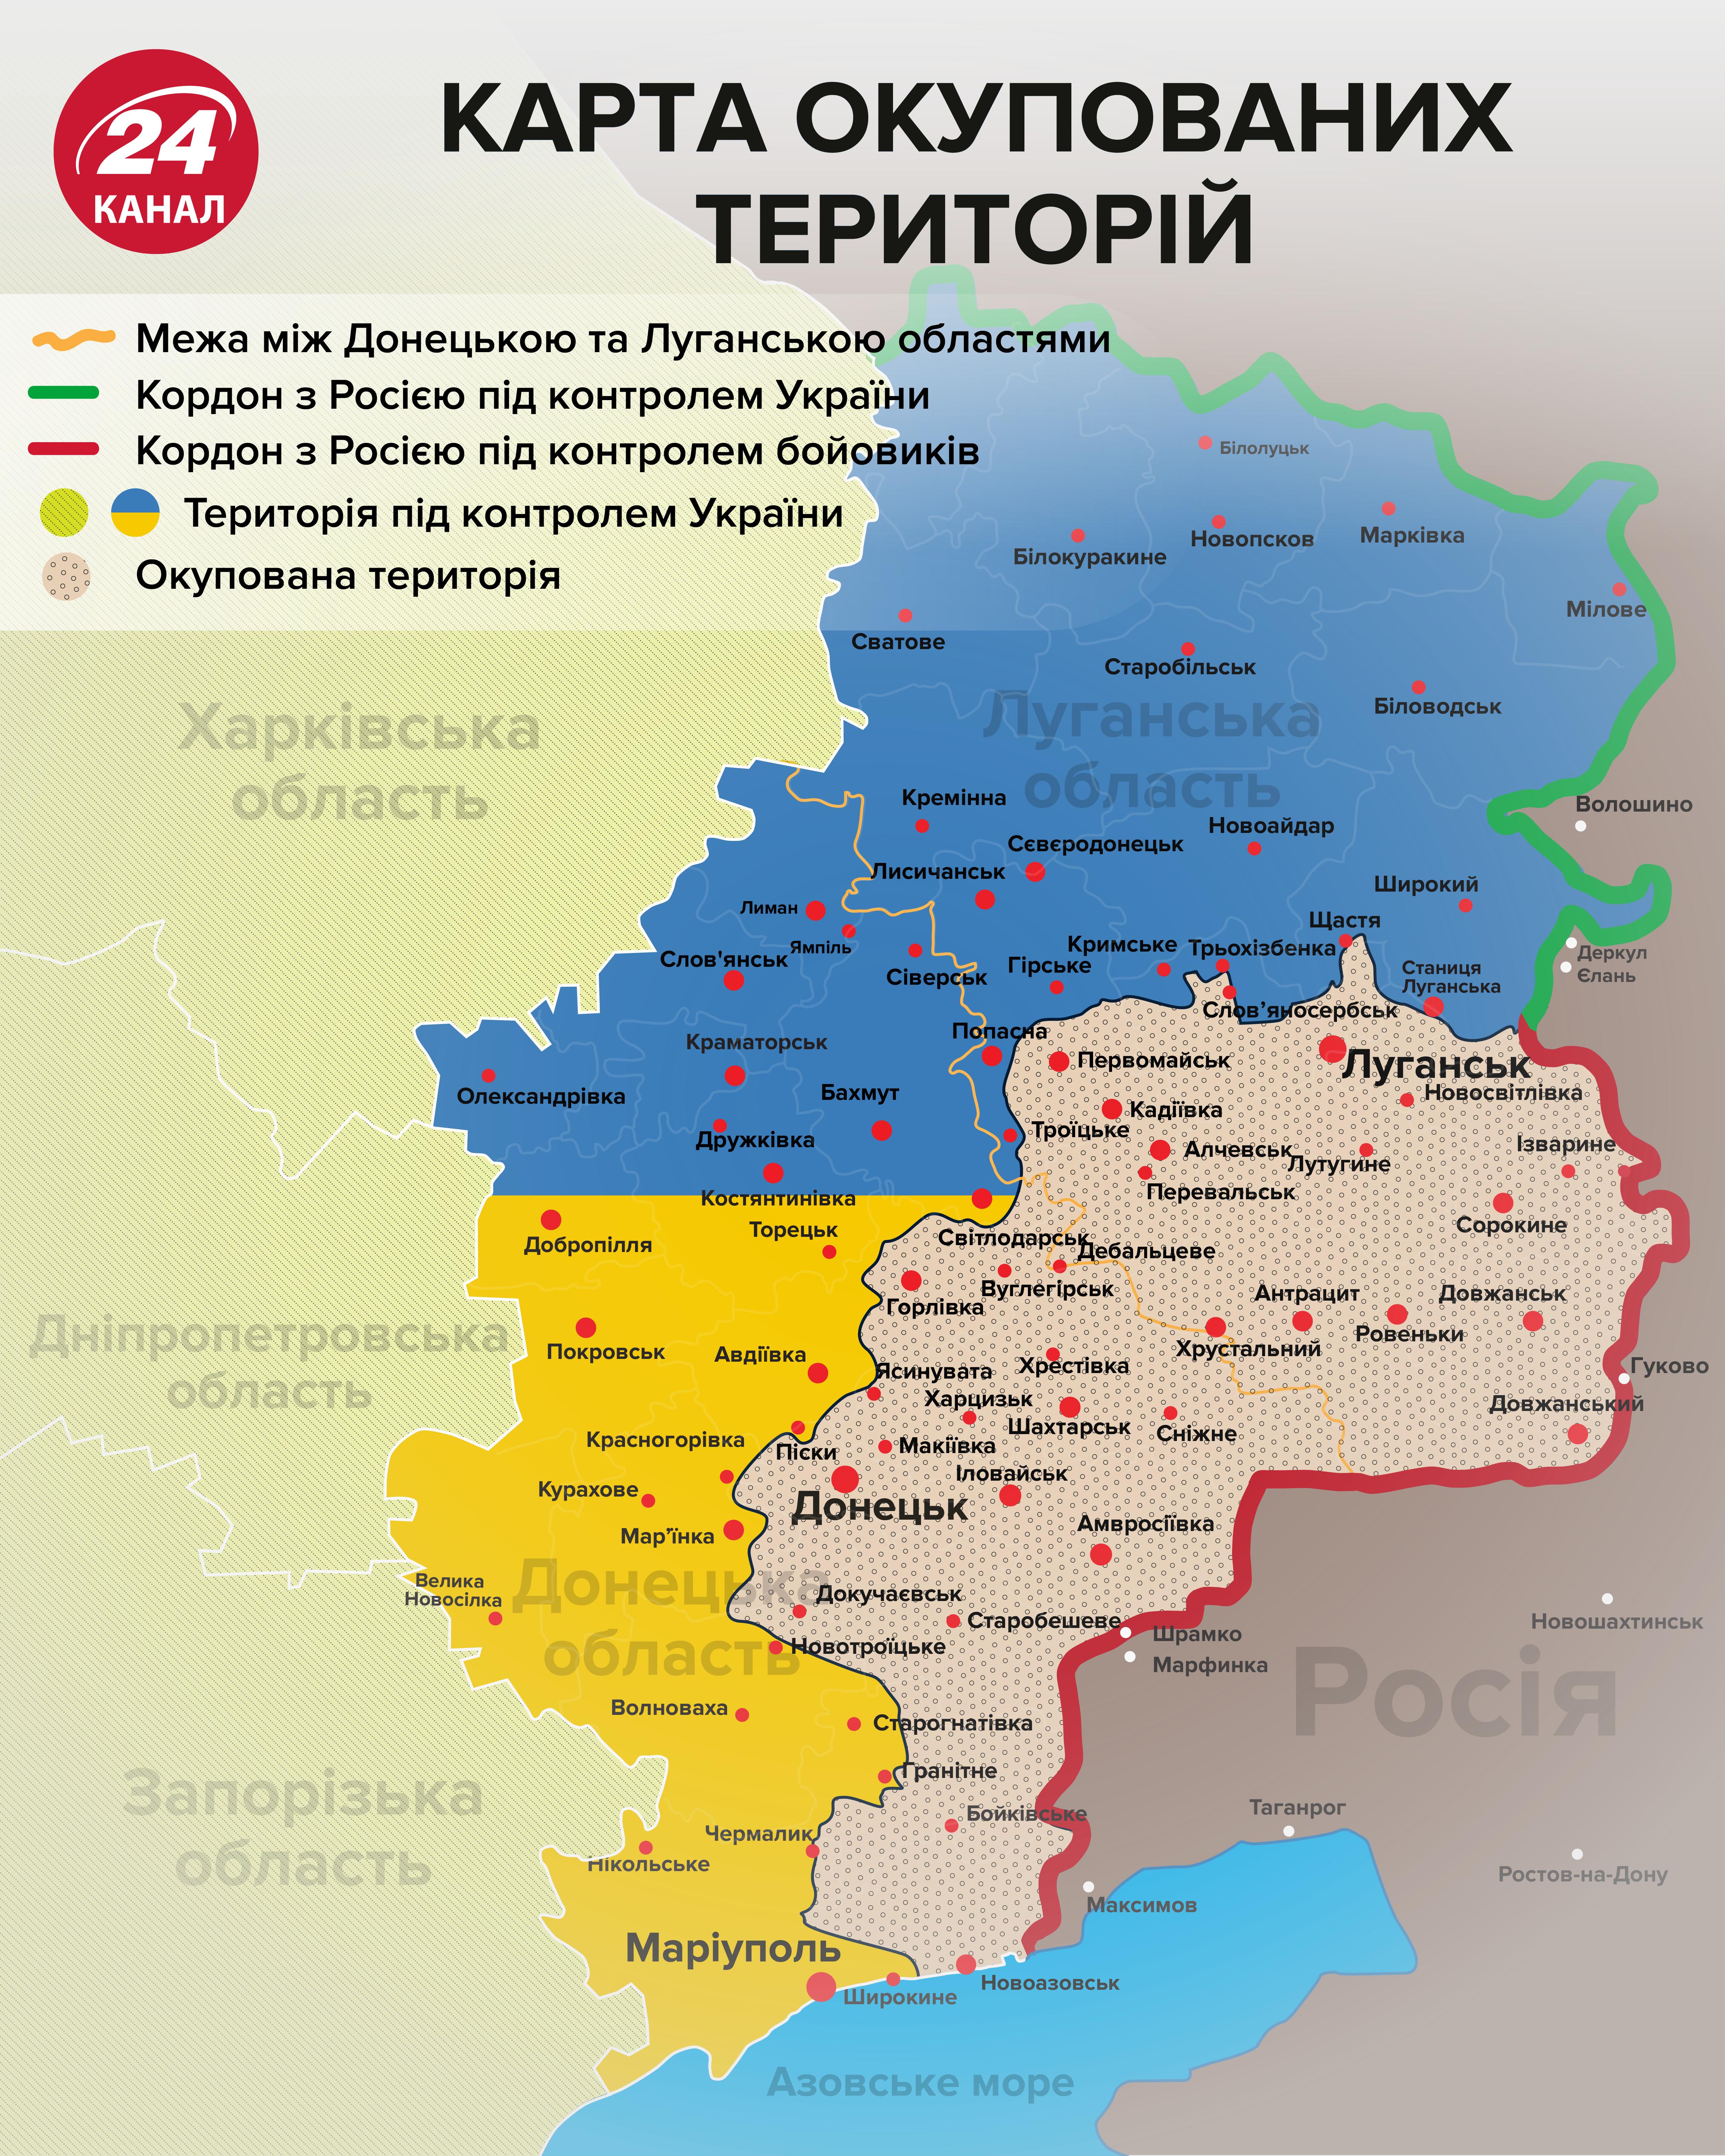 Российские оккупанты нарушают договоренности: миссия ОБСЕ обнаружила 10 танков боевиков